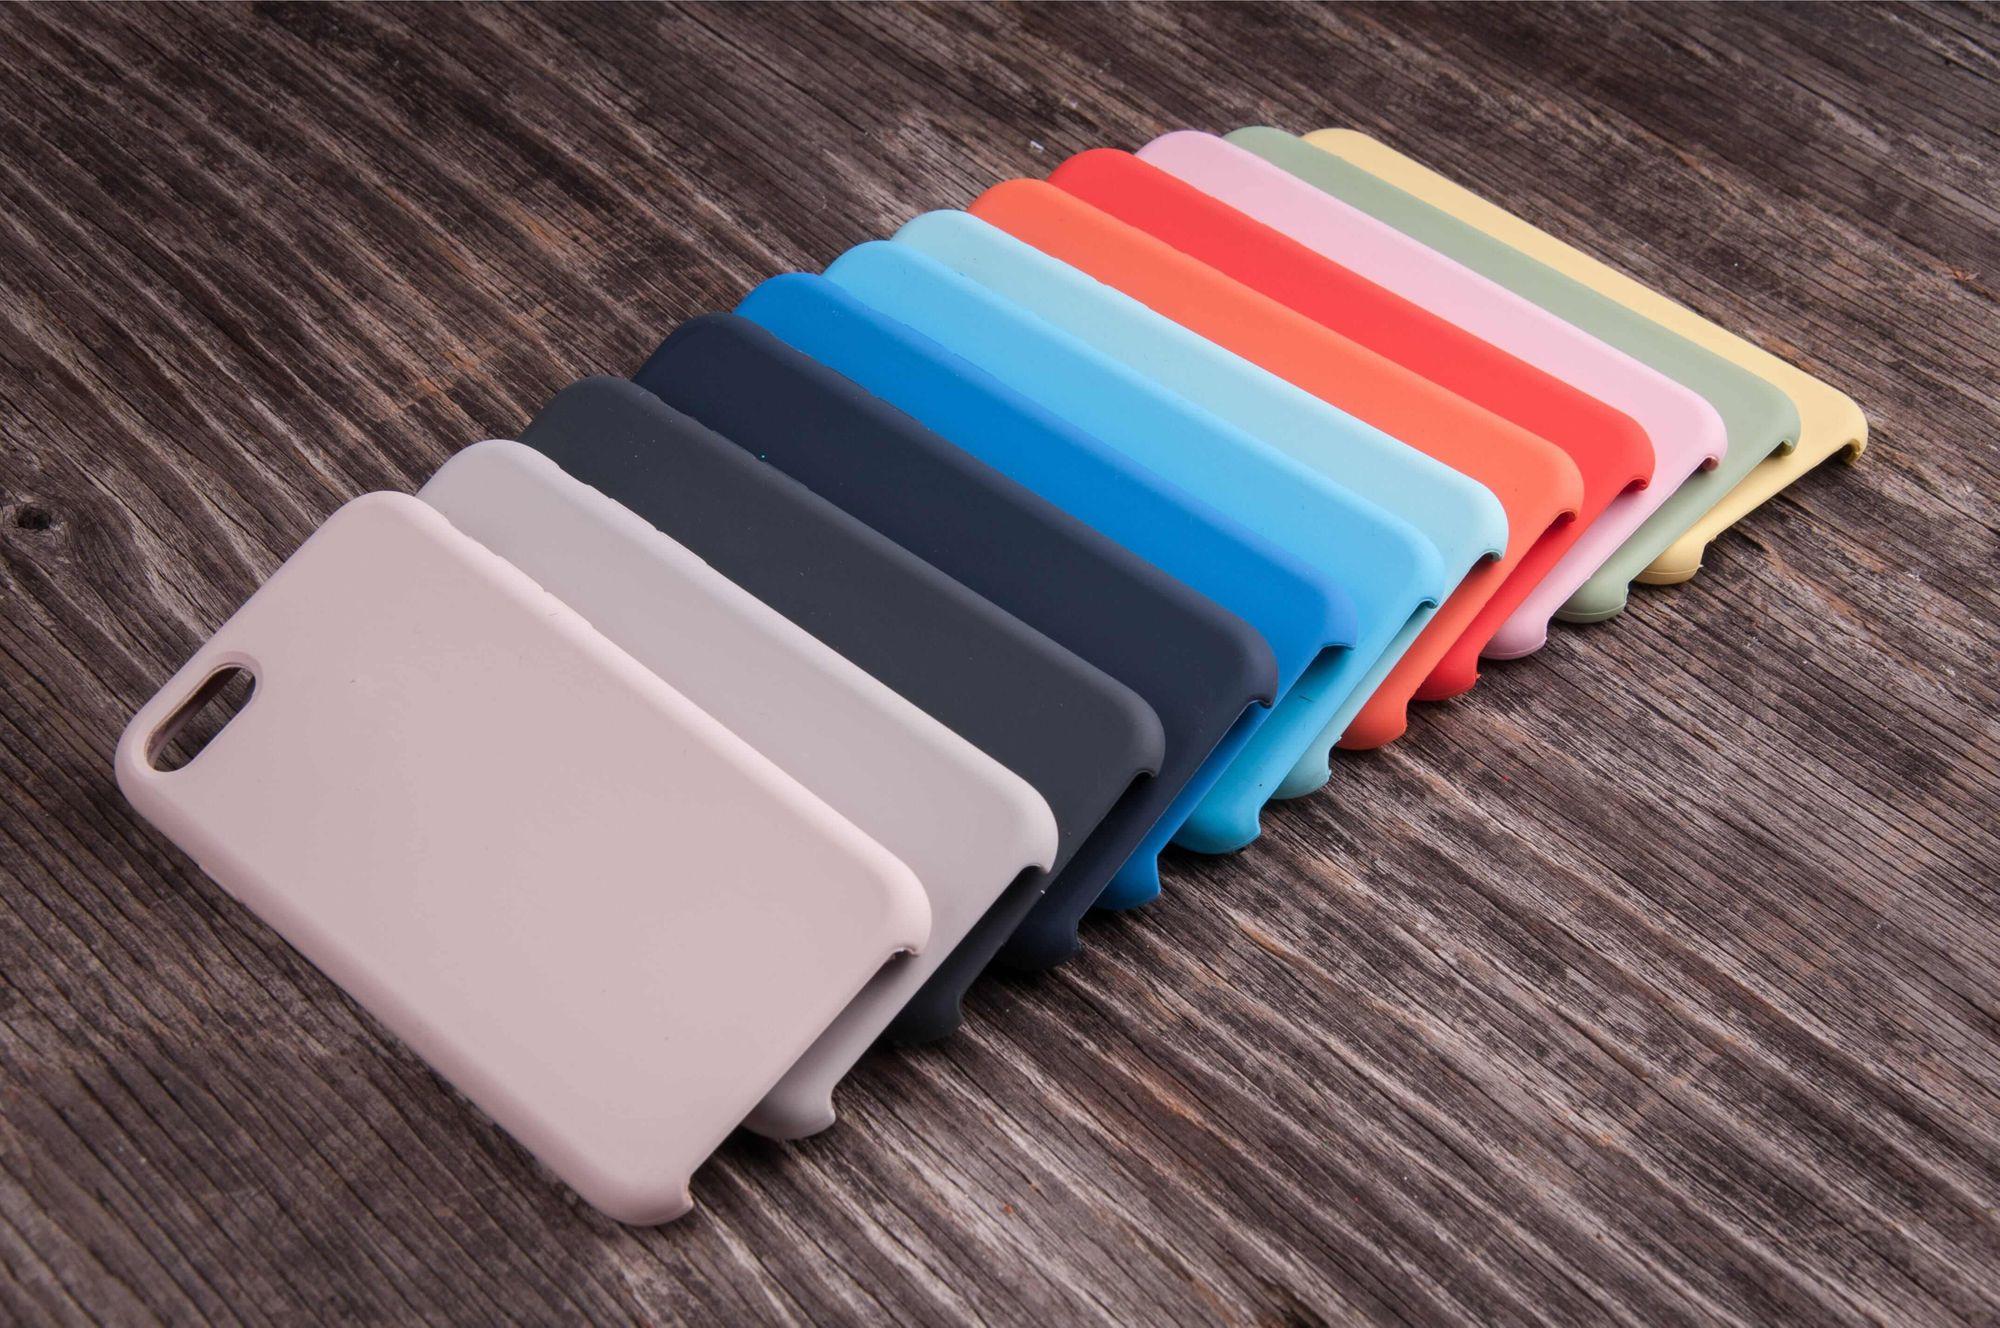 Capinha de celular pode tanto personalizar quanto ter foco em proteção (Foto: Shutterstock)